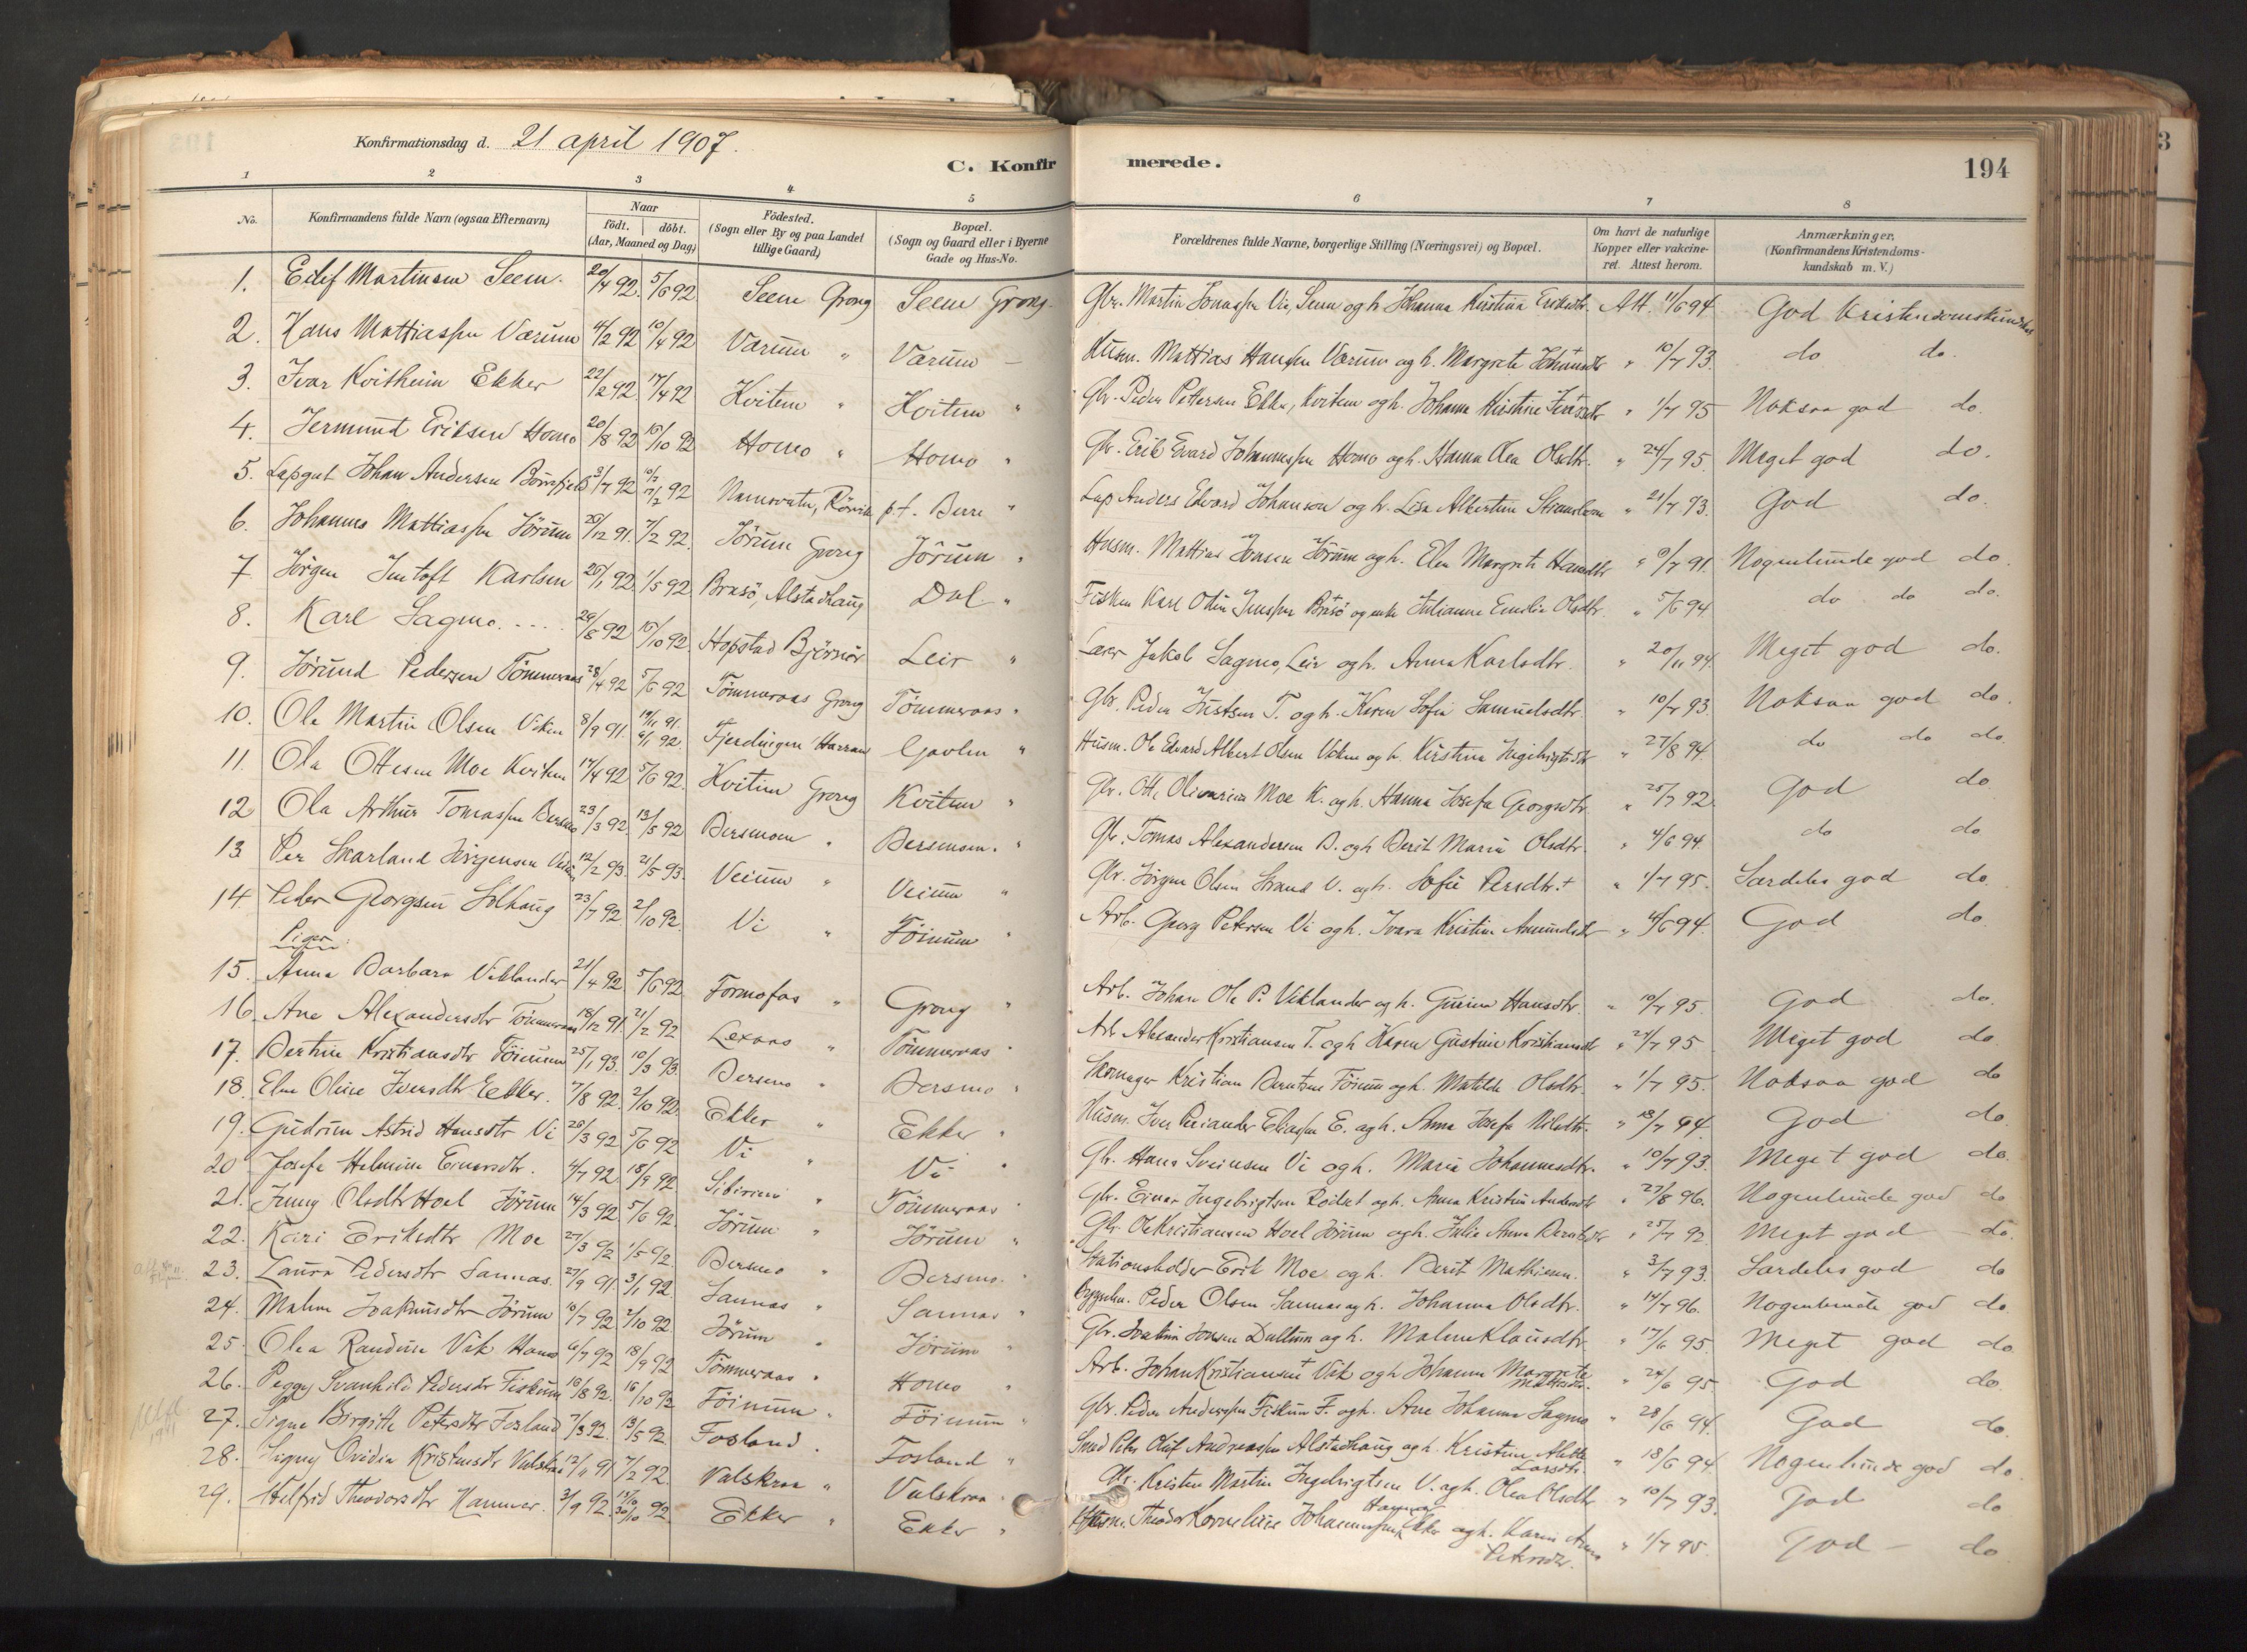 SAT, Ministerialprotokoller, klokkerbøker og fødselsregistre - Nord-Trøndelag, 758/L0519: Ministerialbok nr. 758A04, 1880-1926, s. 194